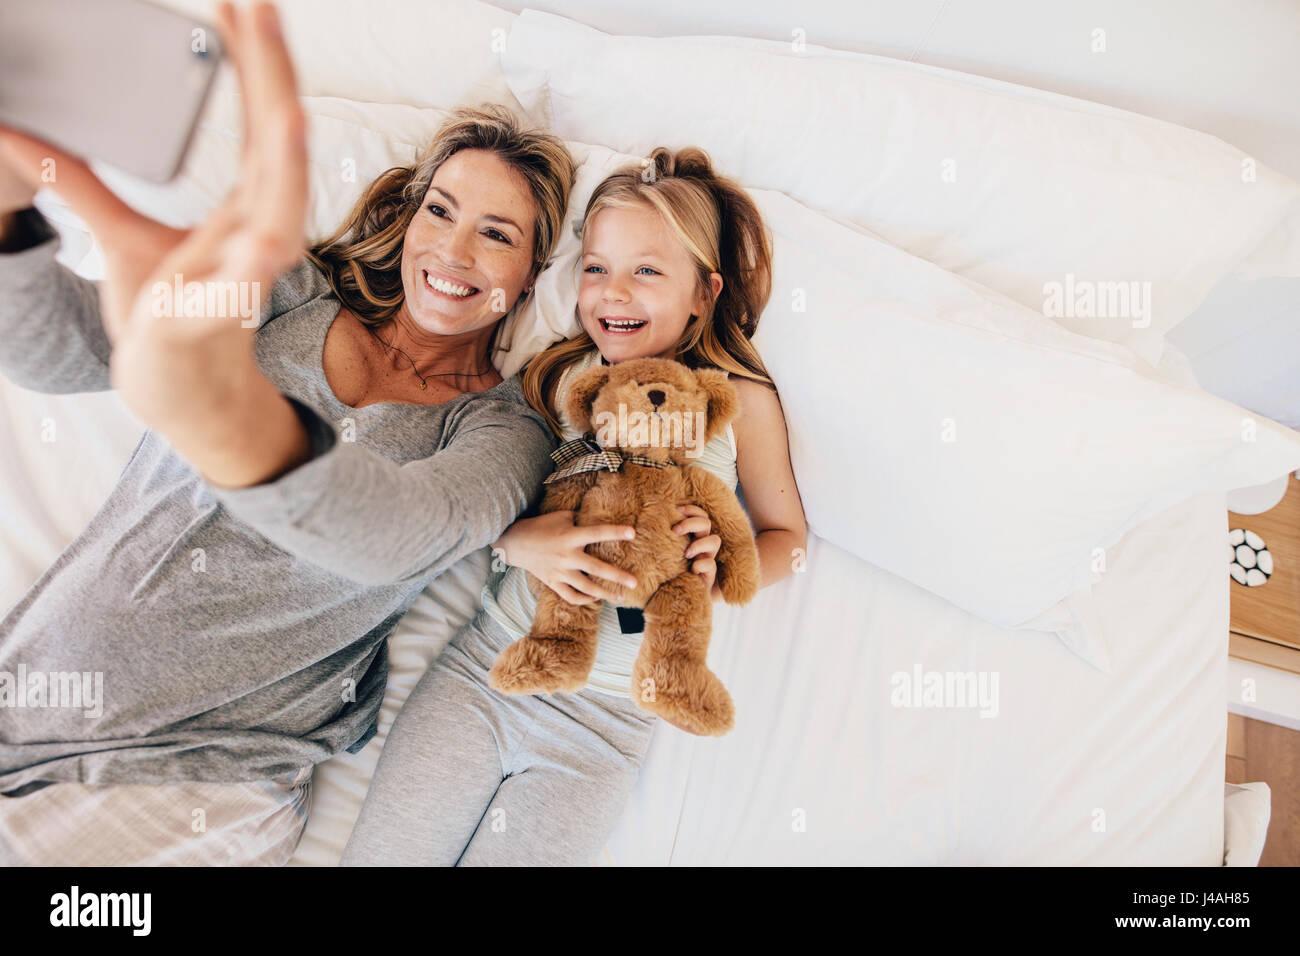 Ansicht von oben Schuss der glückliche junge Familien nehmen Selfie mit Smartphone im Bett. Mutter und Tochter Stockbild